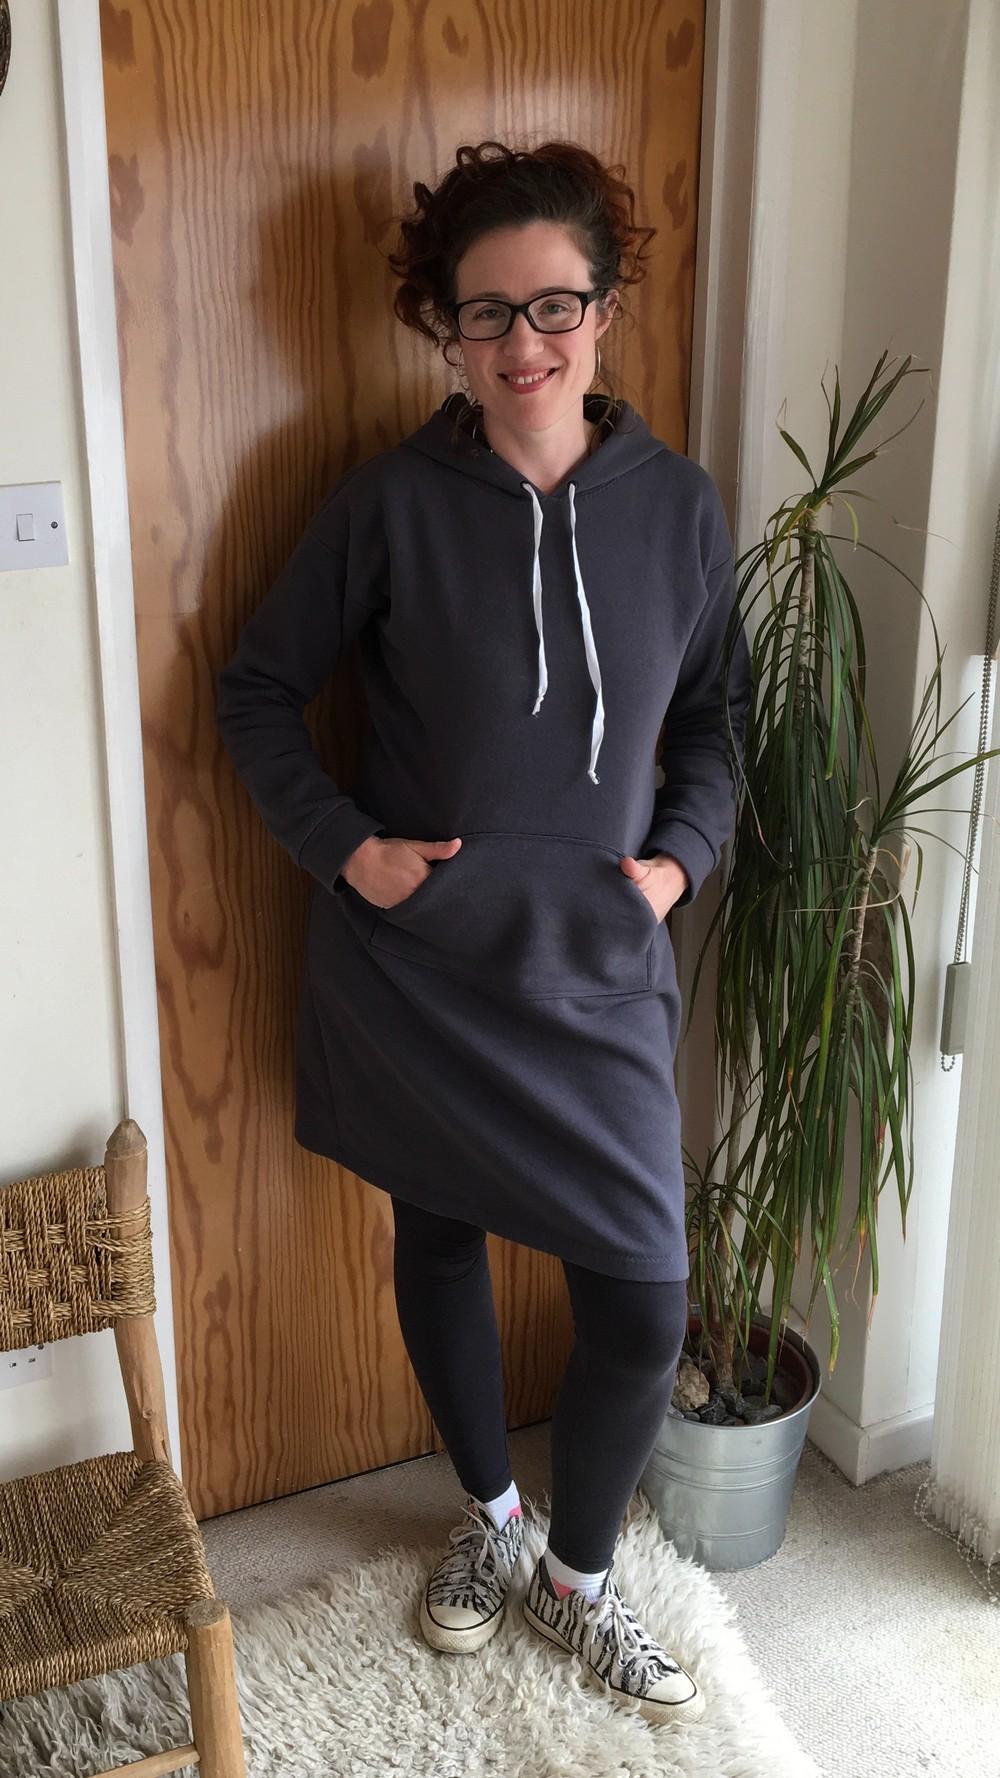 Stella Hoodie Dress in grey sweatshirting